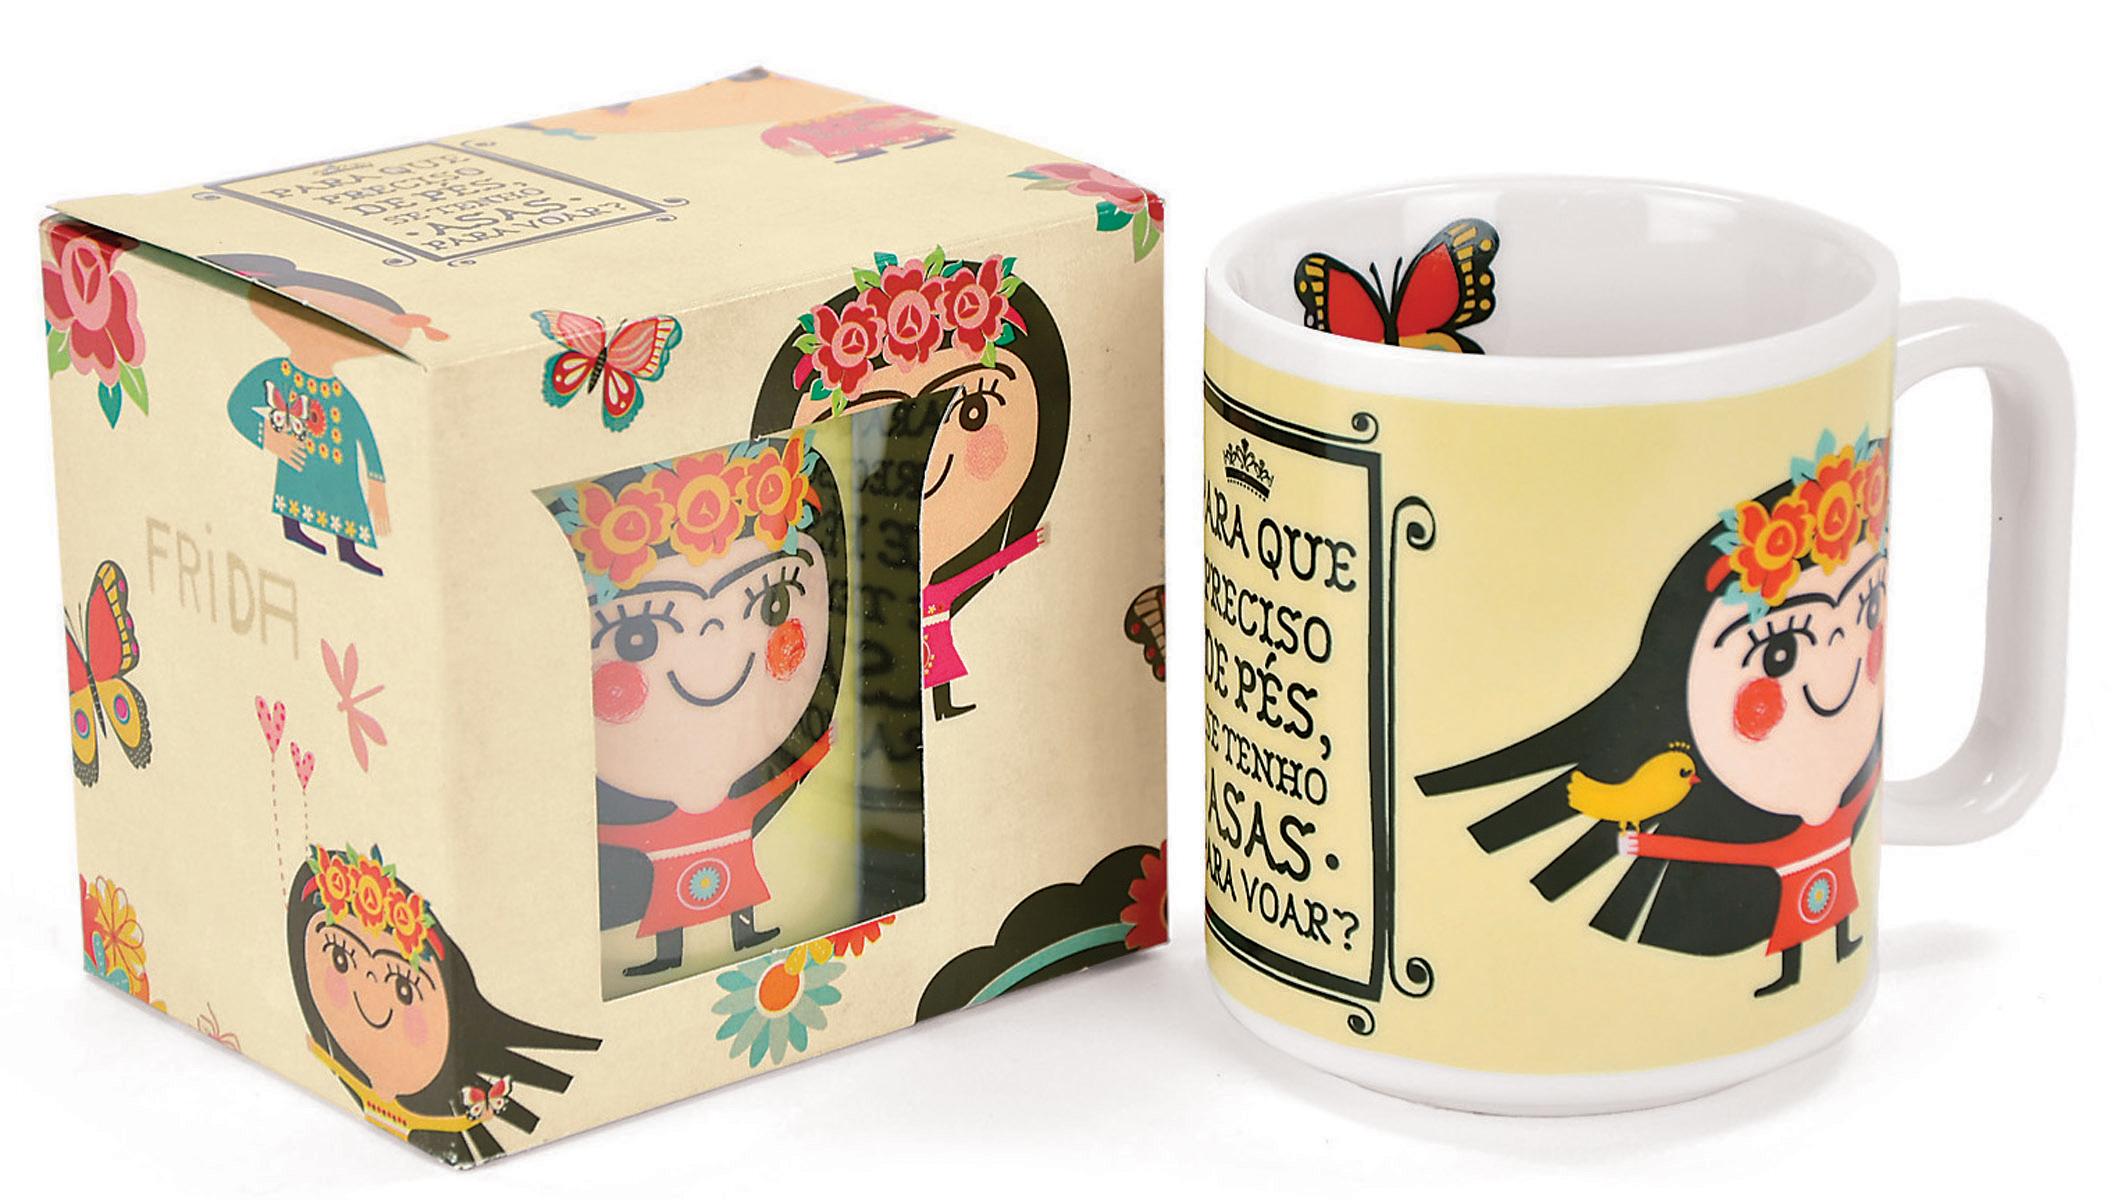 Caneca Frida Kahlo da Poeme-se - R$ 35,00